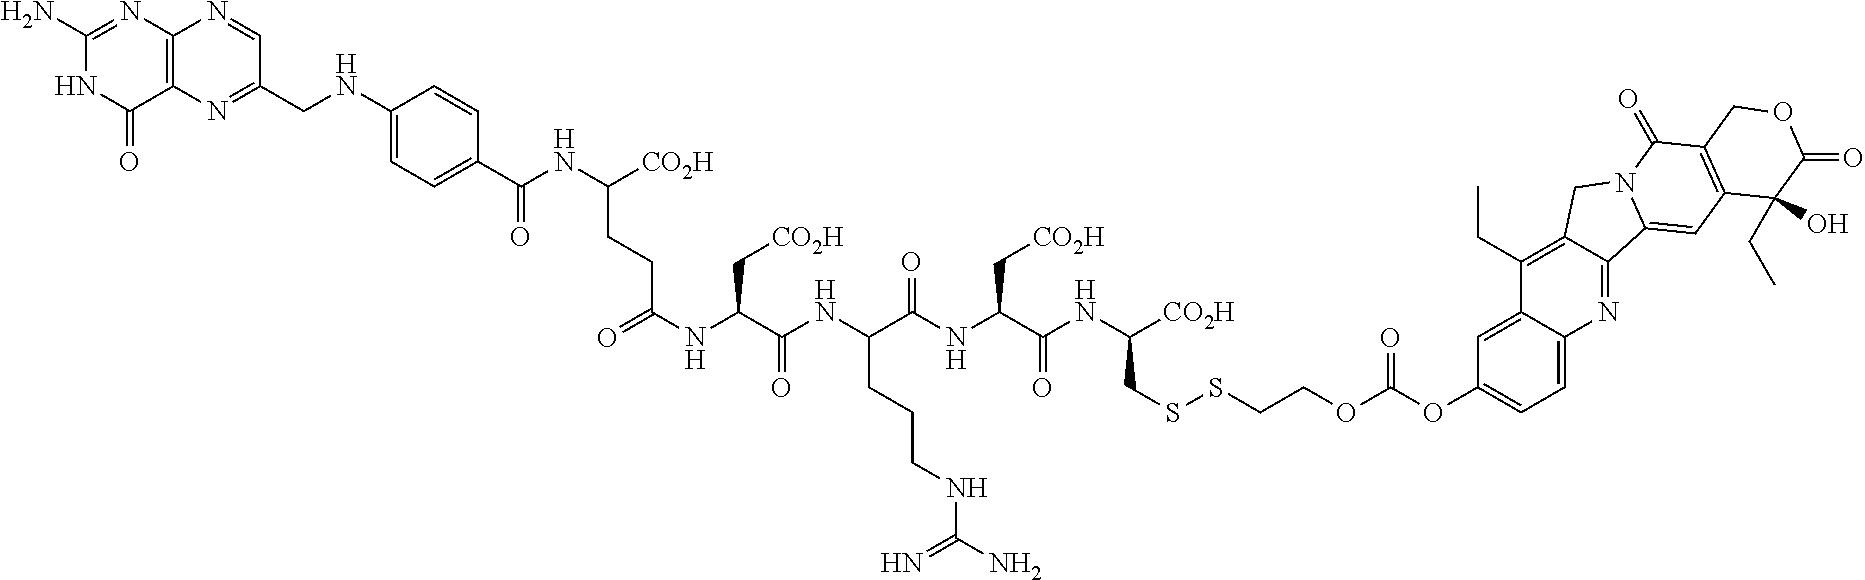 Figure US09090563-20150728-C00036